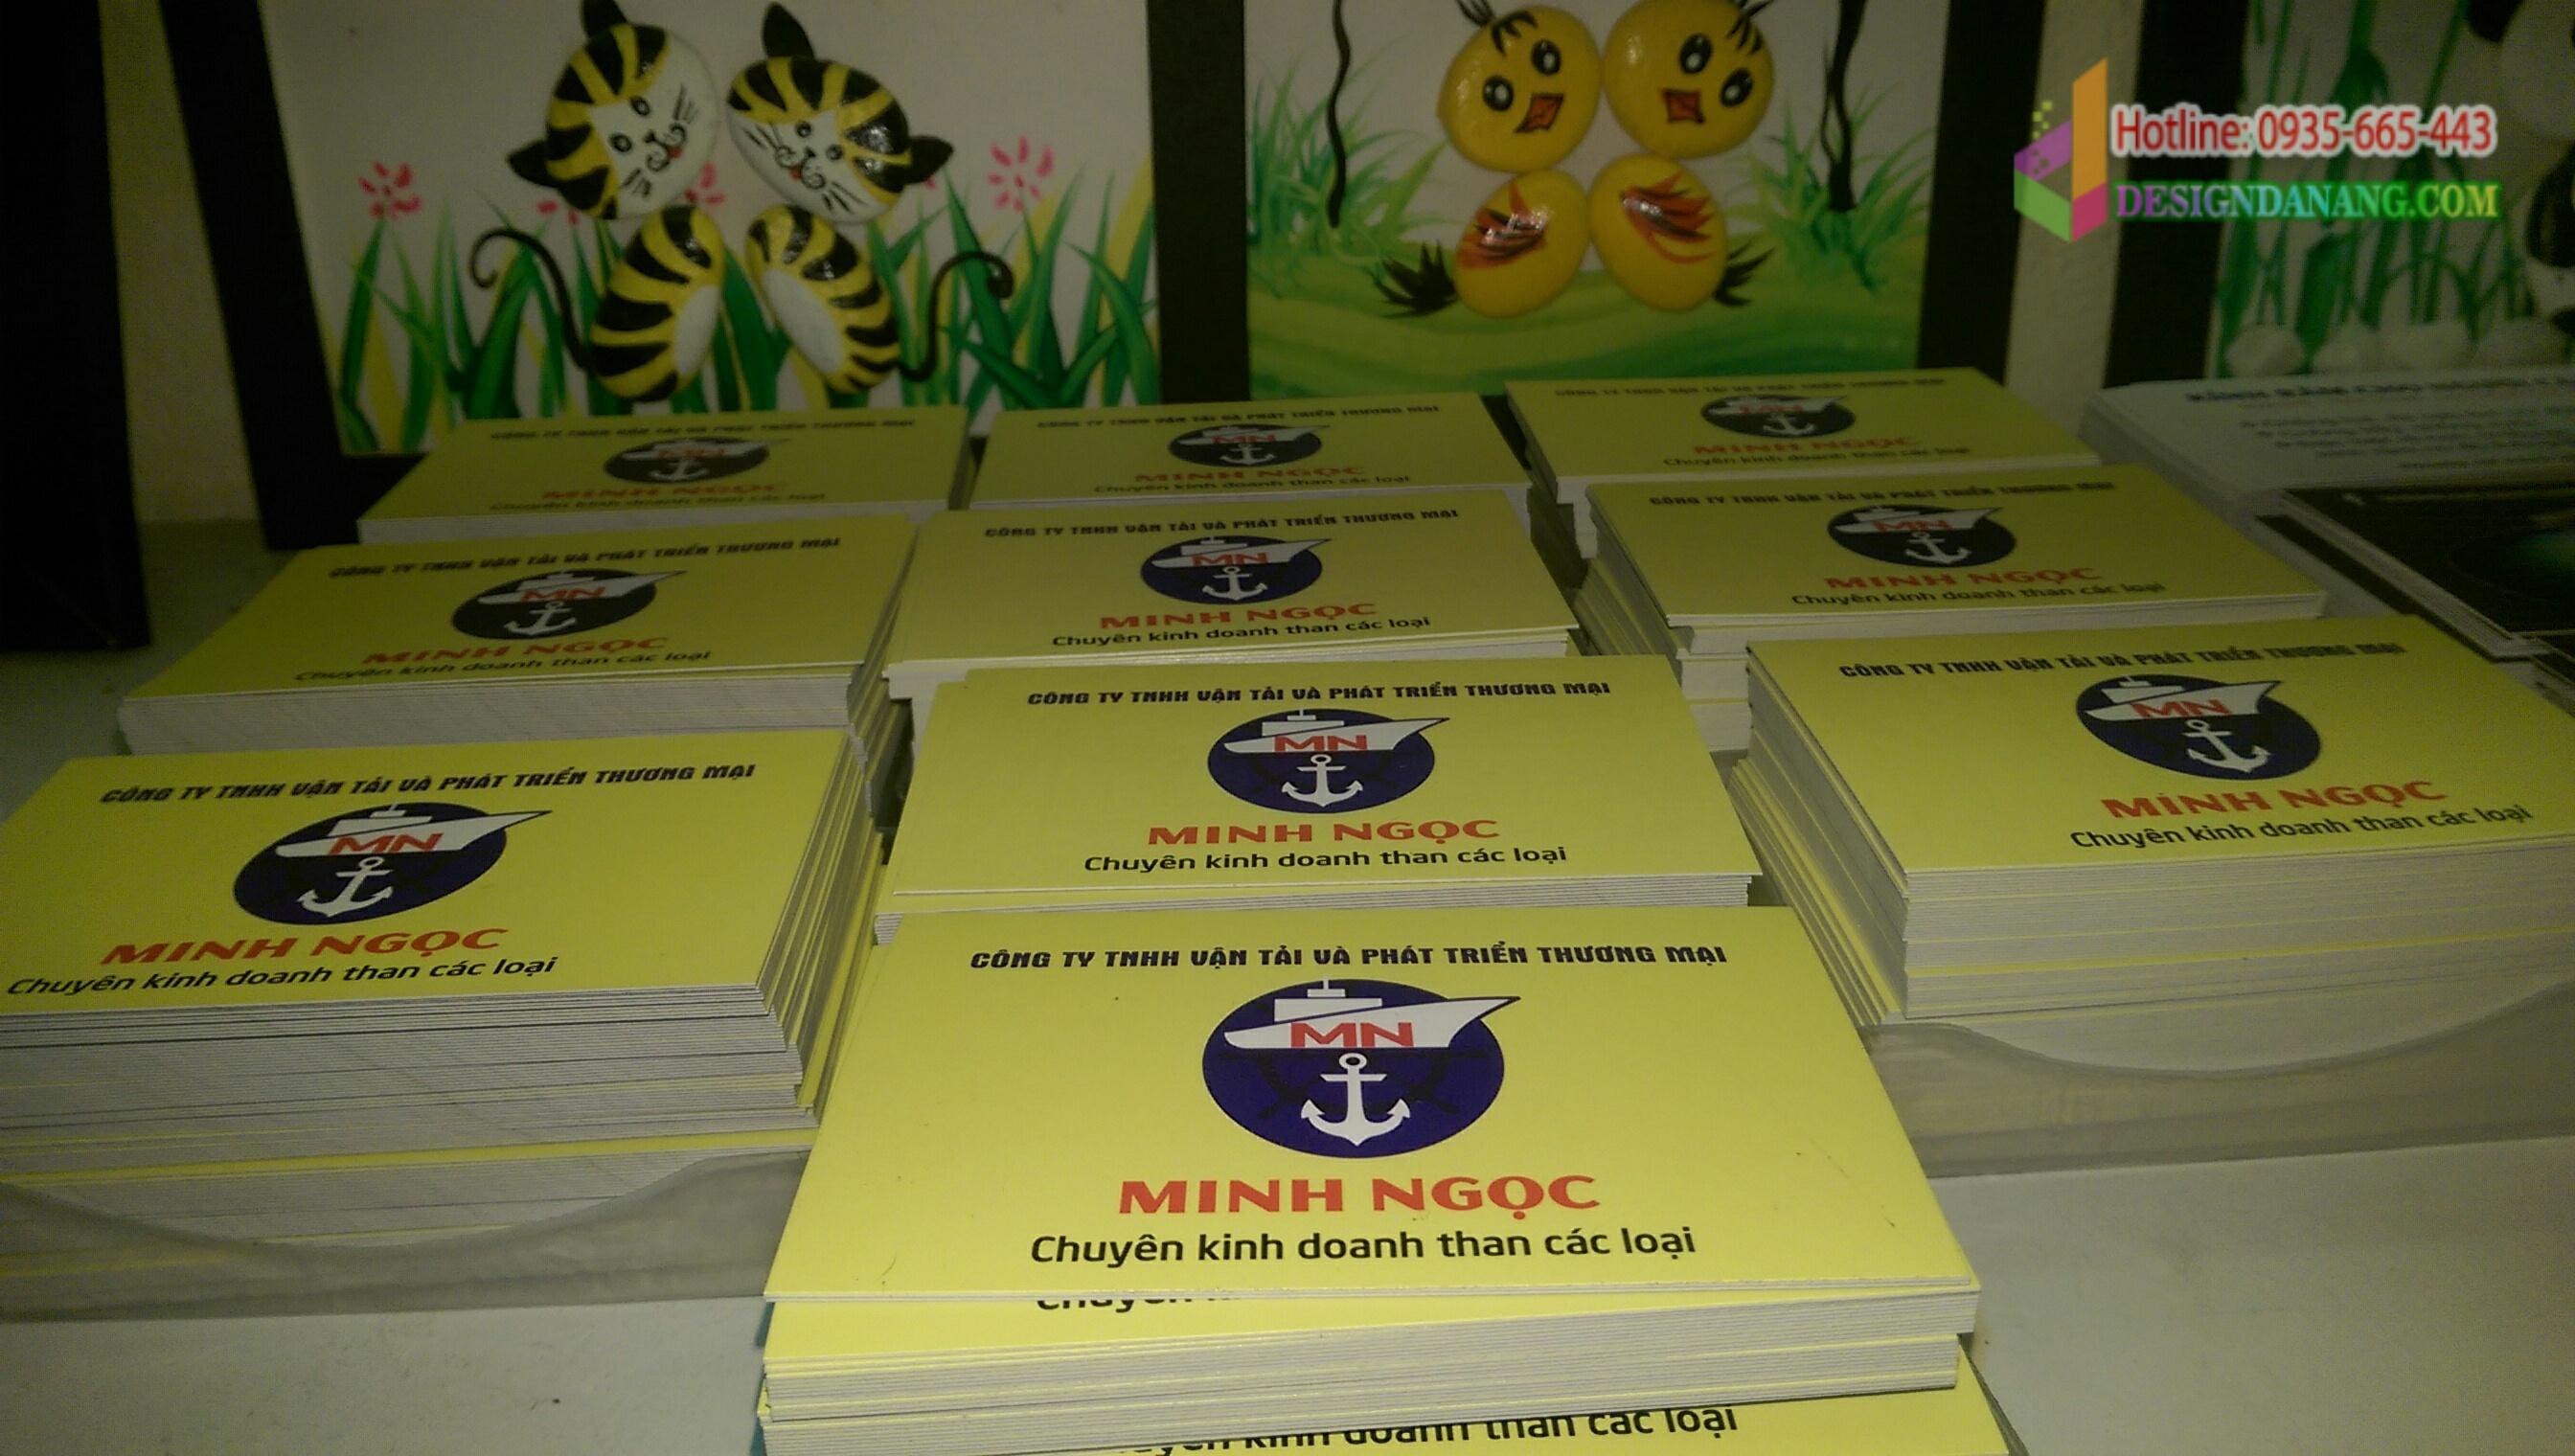 Card visit Công ty vận tải Minh Ngọc